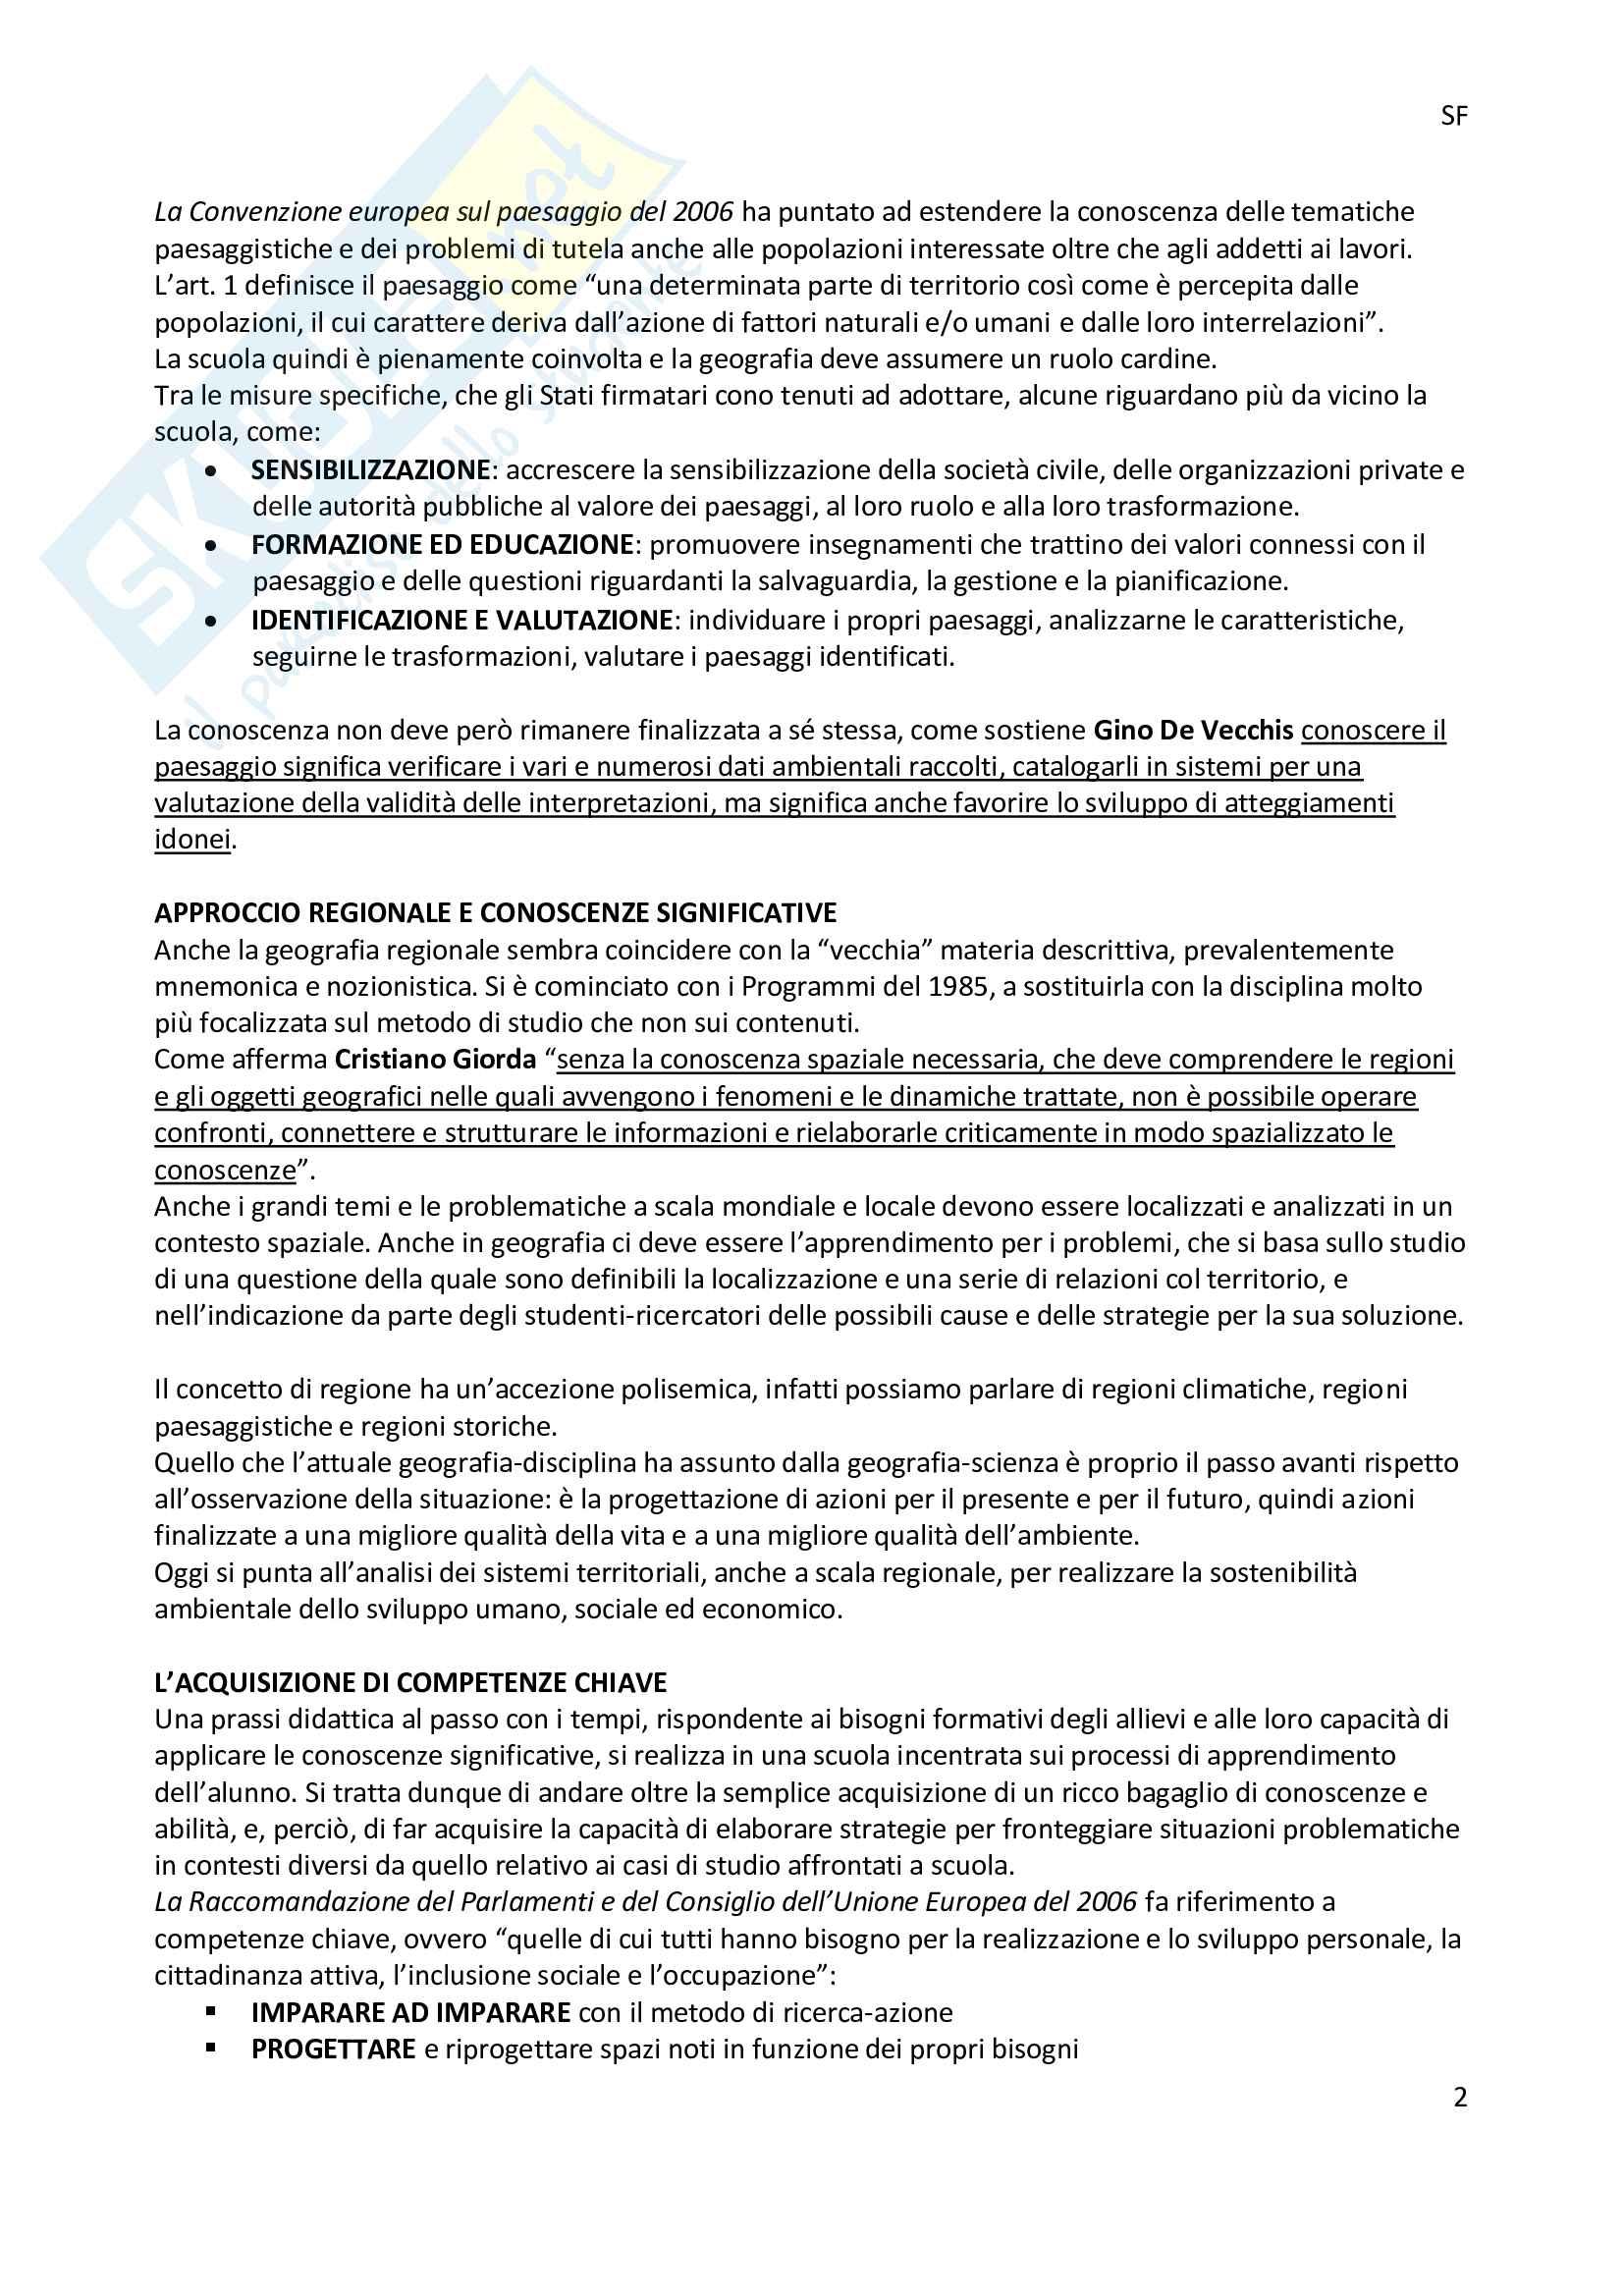 Riassunto esame geografia, docente Molinari, libro consigliato La geografia dell'Italia,Pasquinelli, d'Allegra Pag. 2